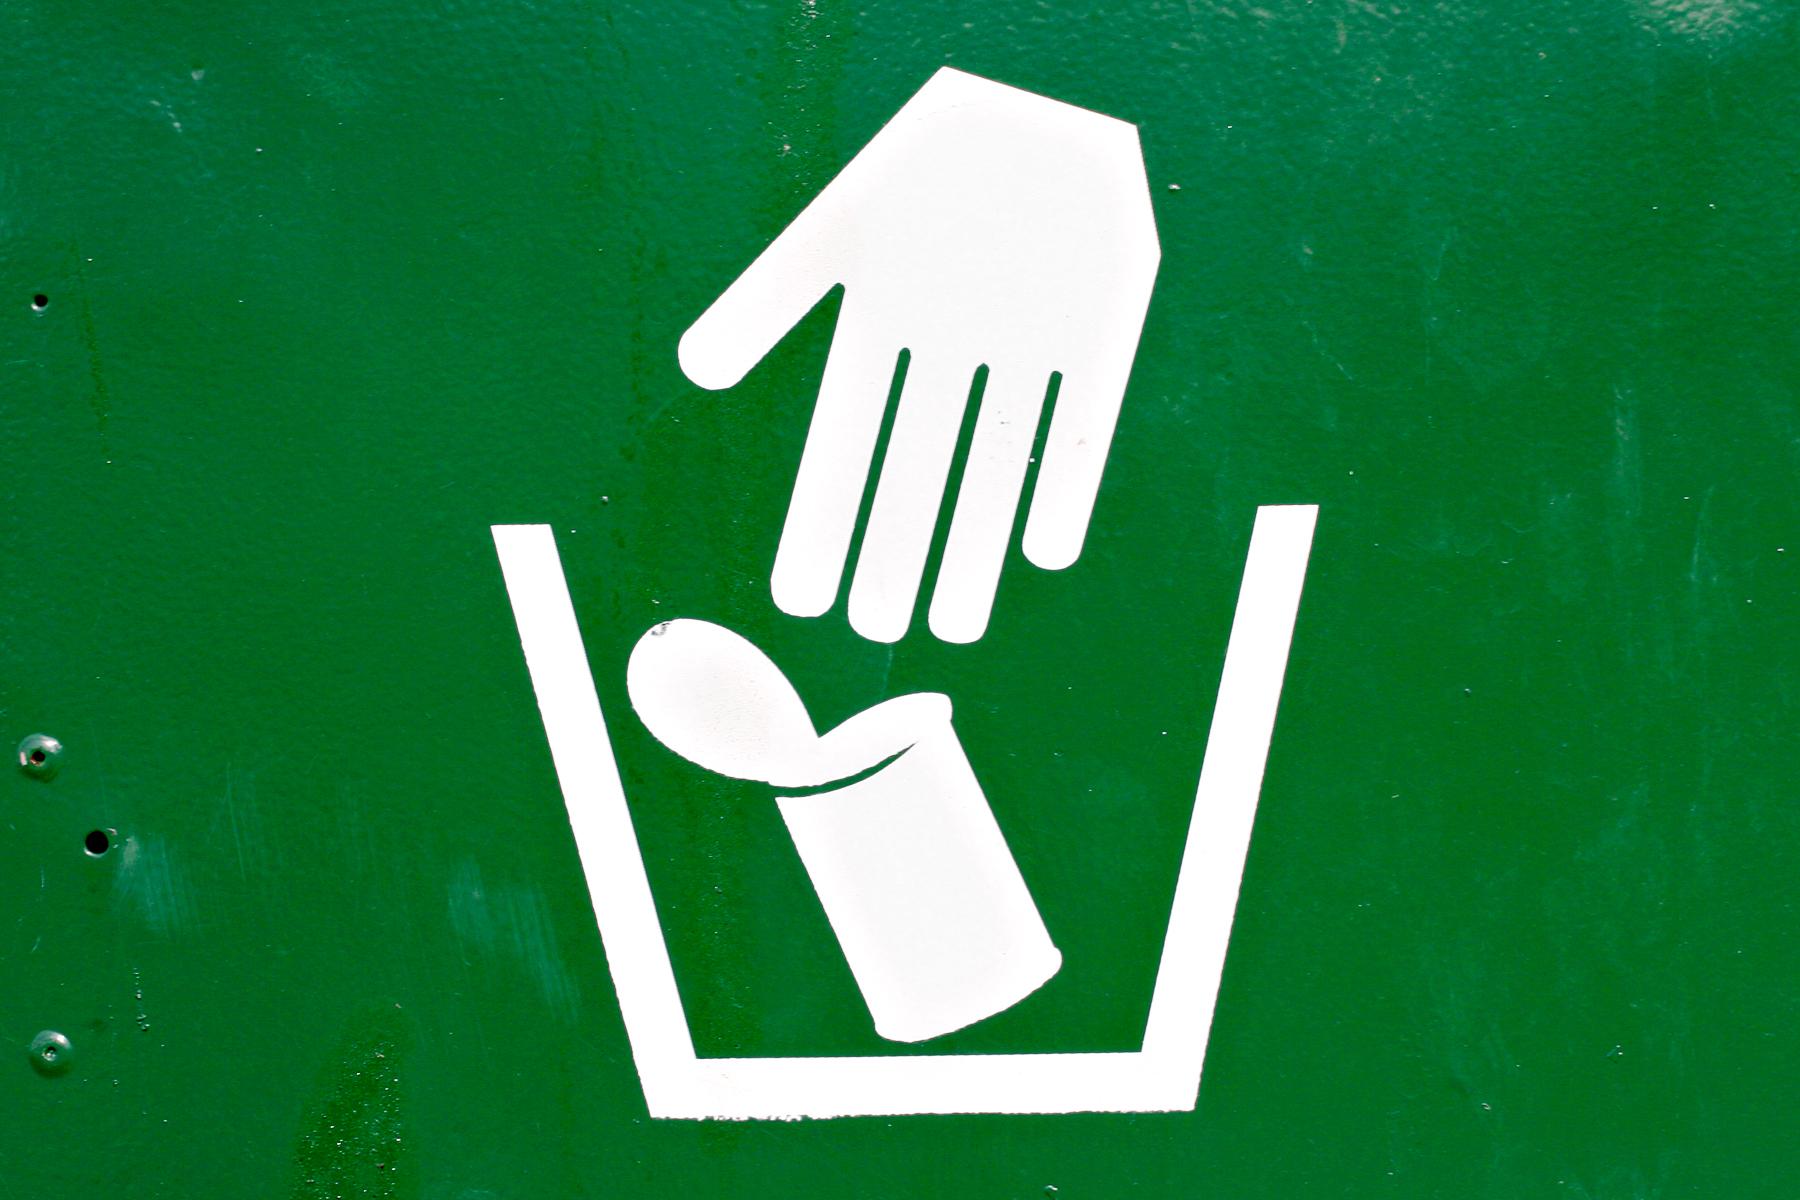 Garbage disposal sign photo